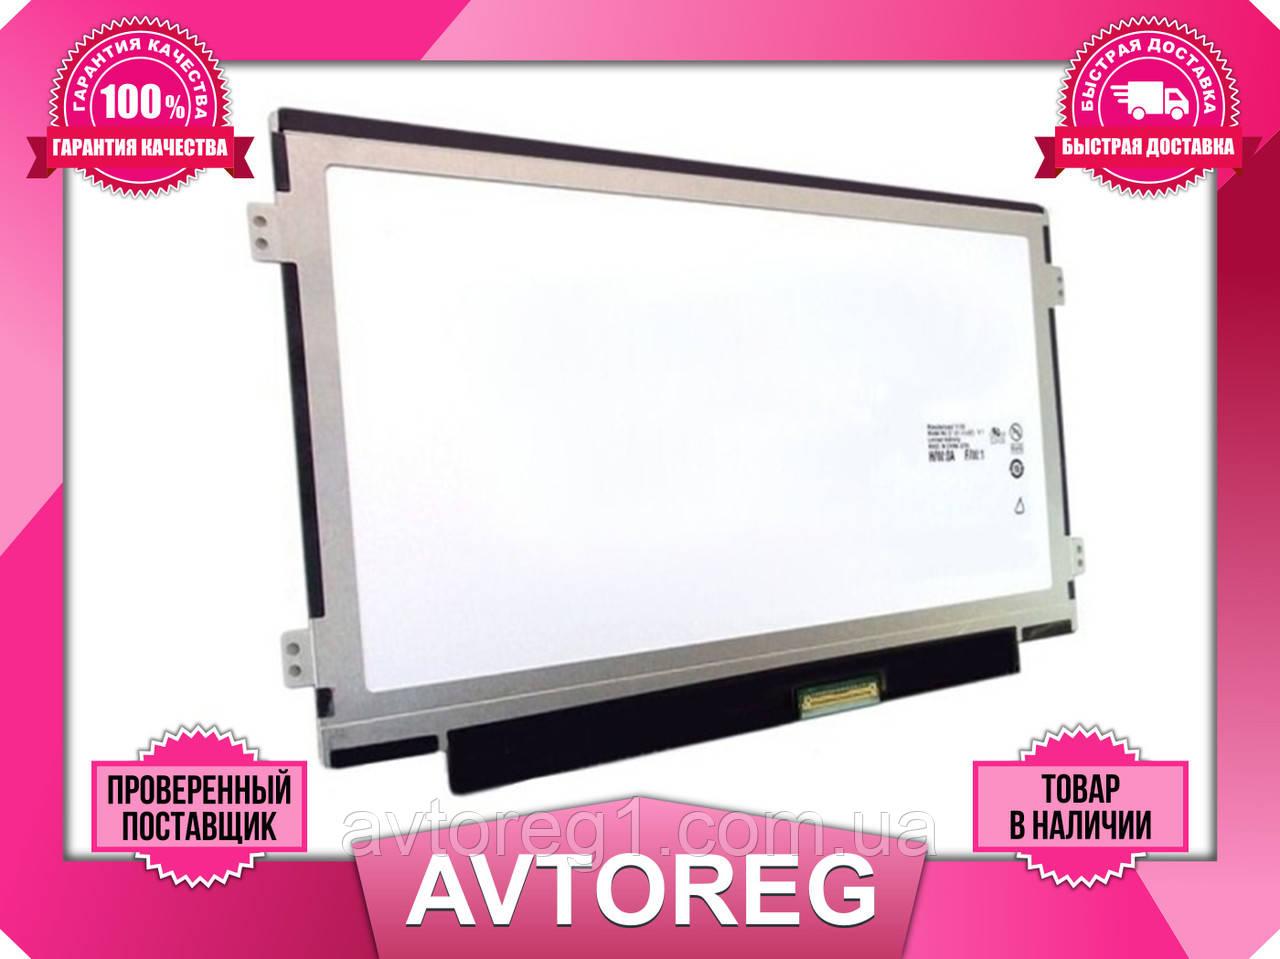 Матрица для ноутбука Acer ASPIRE ONE D270-26DGKK